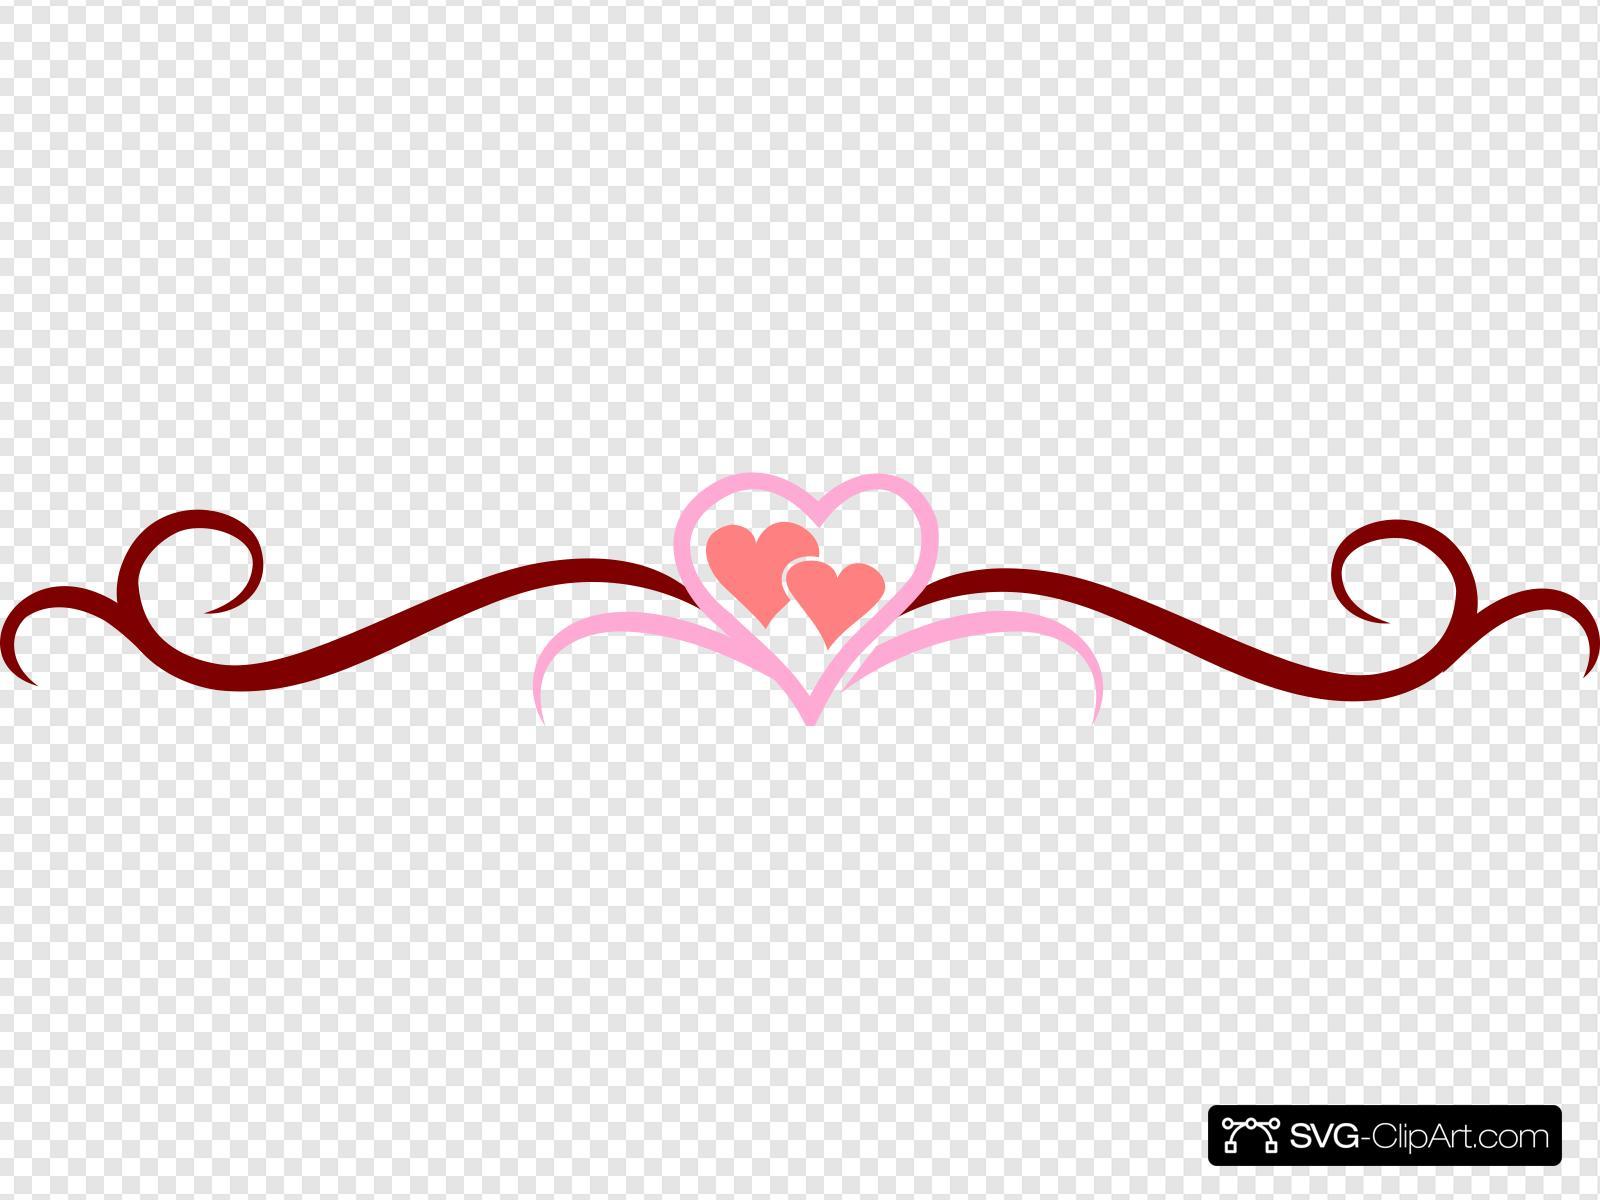 Vine Heart Clip art, Icon and SVG.